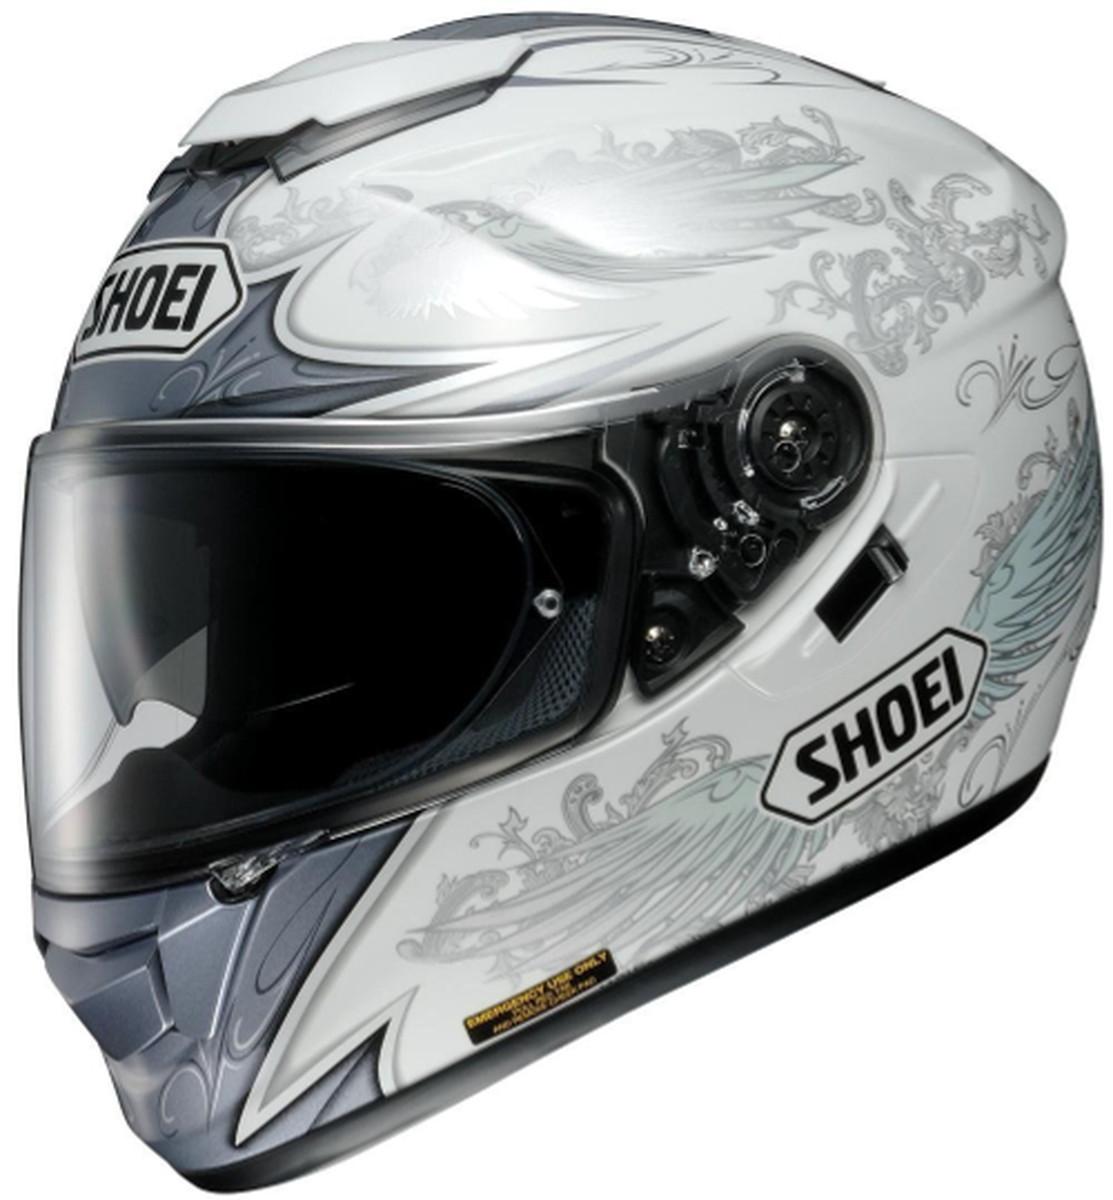 【動画あり】 SHOEI フルフェイスヘルメット GT-AIR GRANDEUR (グランジャー) TC-6 Mサイズ